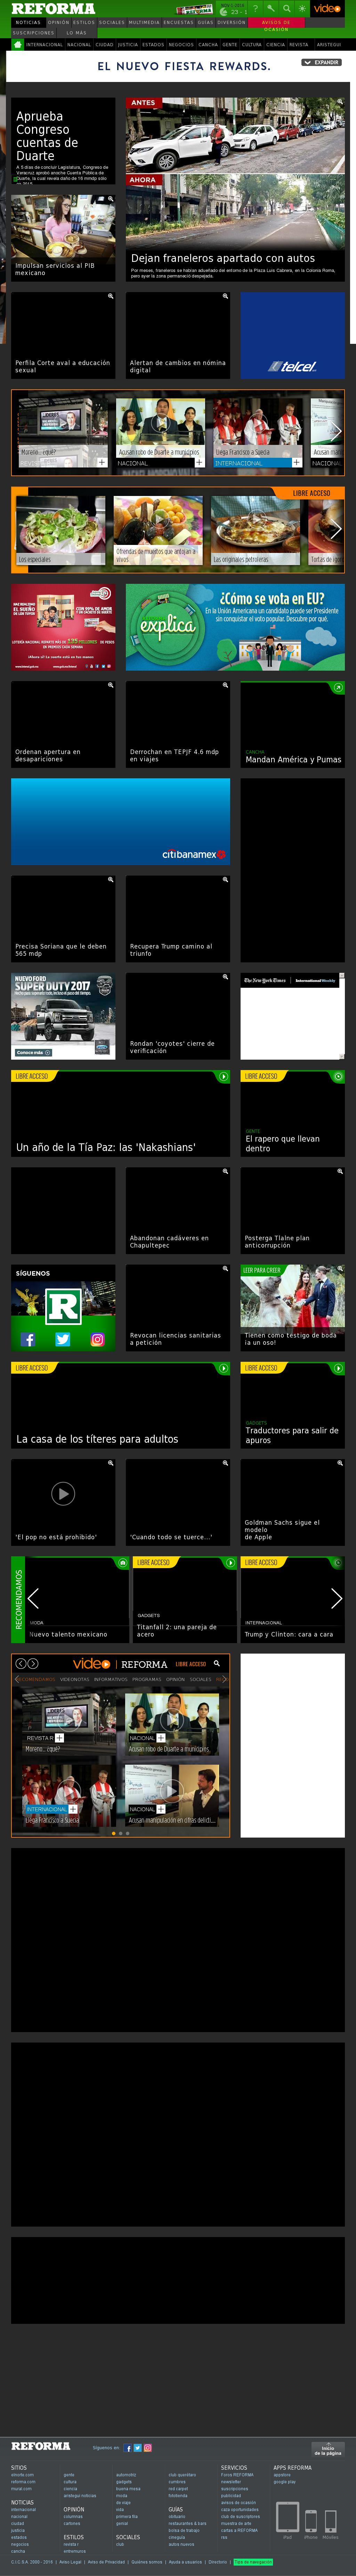 Reforma.com at Tuesday Nov. 1, 2016, 12:19 p.m. UTC